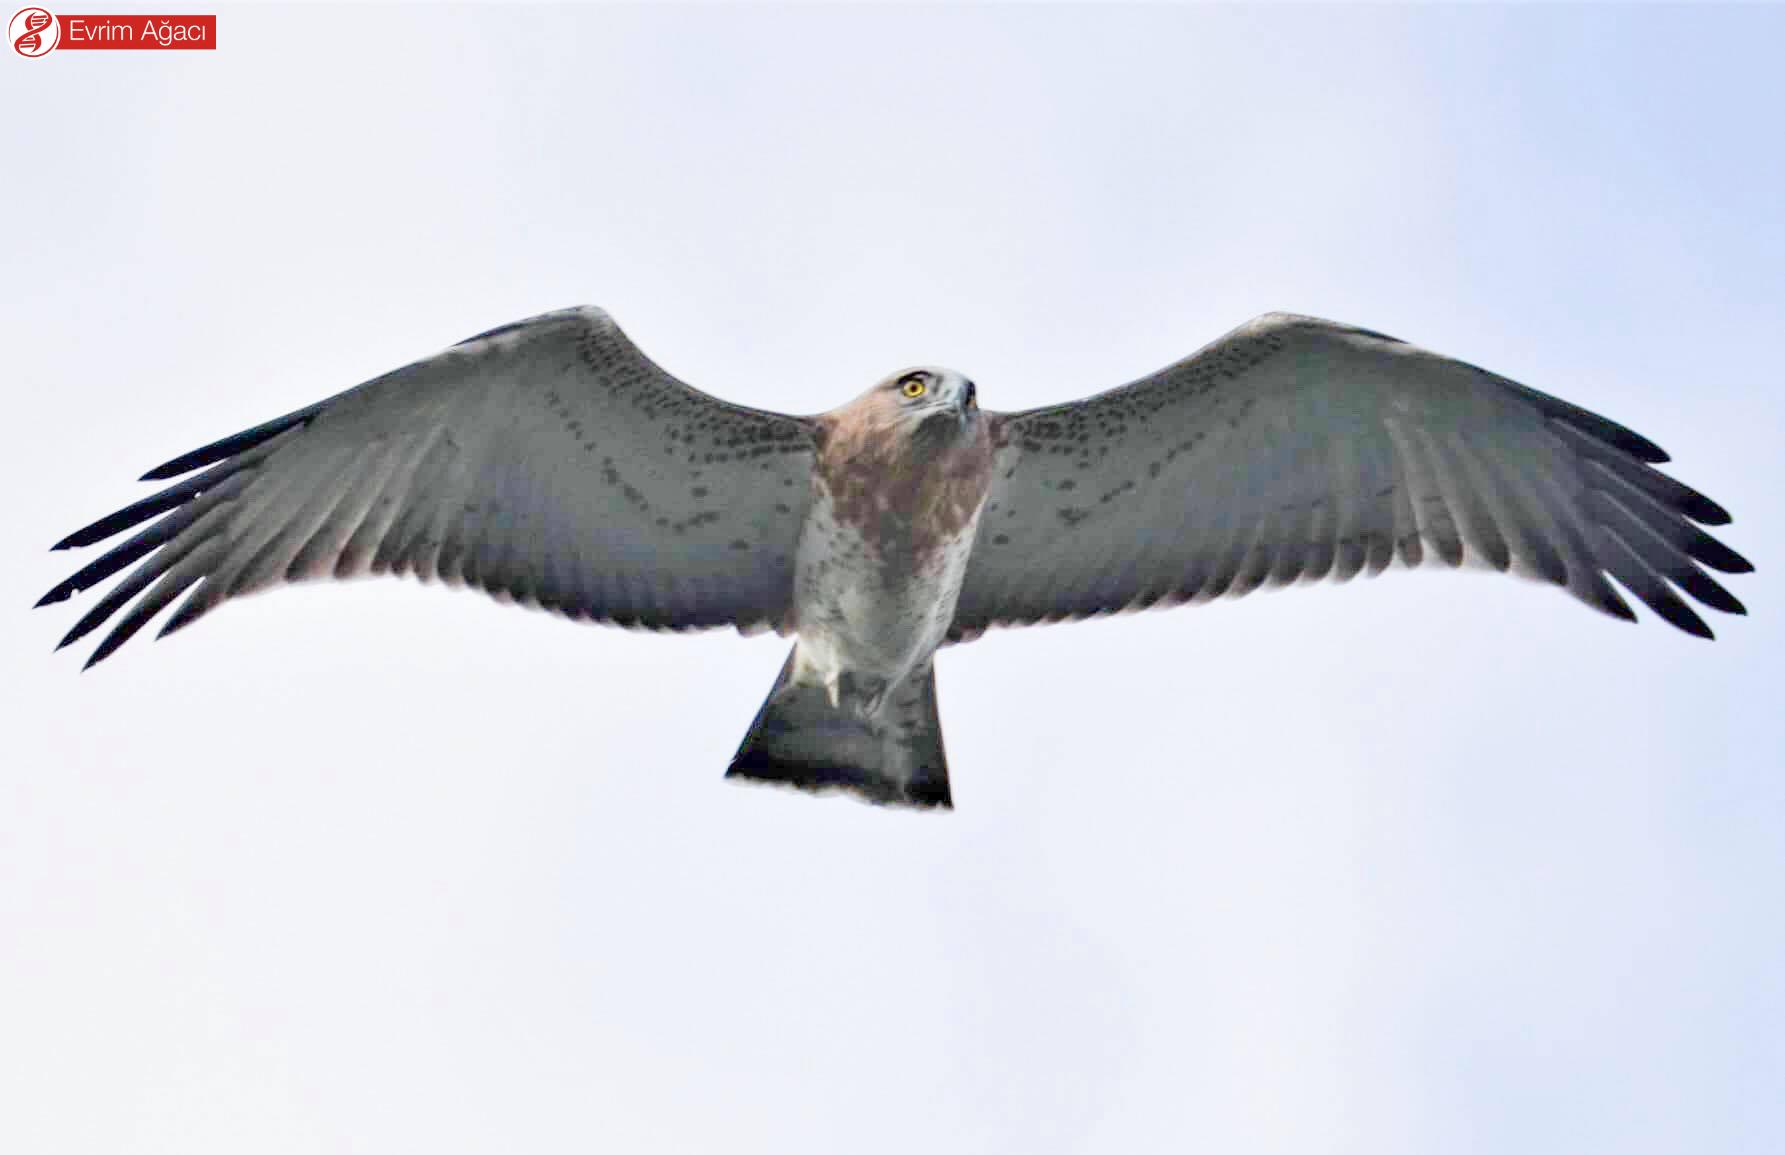 Önden bakıldığında köşeli kanat kenarları dikkat çeker. Desenlerine bakılırsa oldukça genç duruyor.